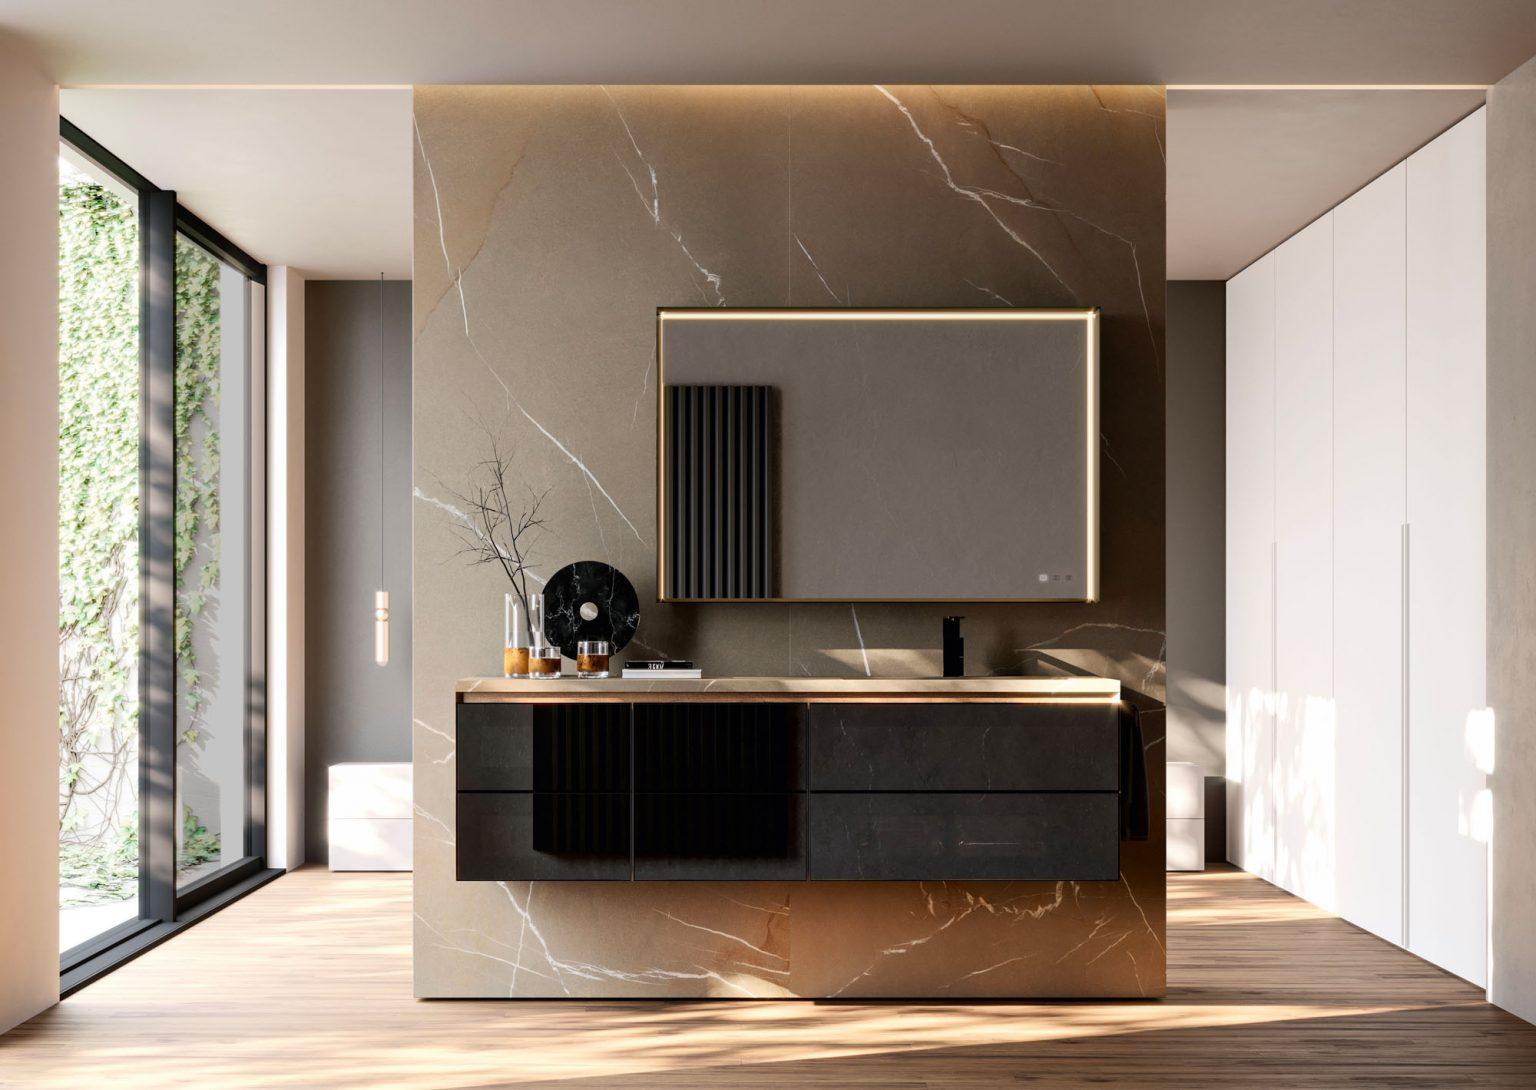 cubik-mobili-da-bagno-moderni-comp5-1-1536x1090